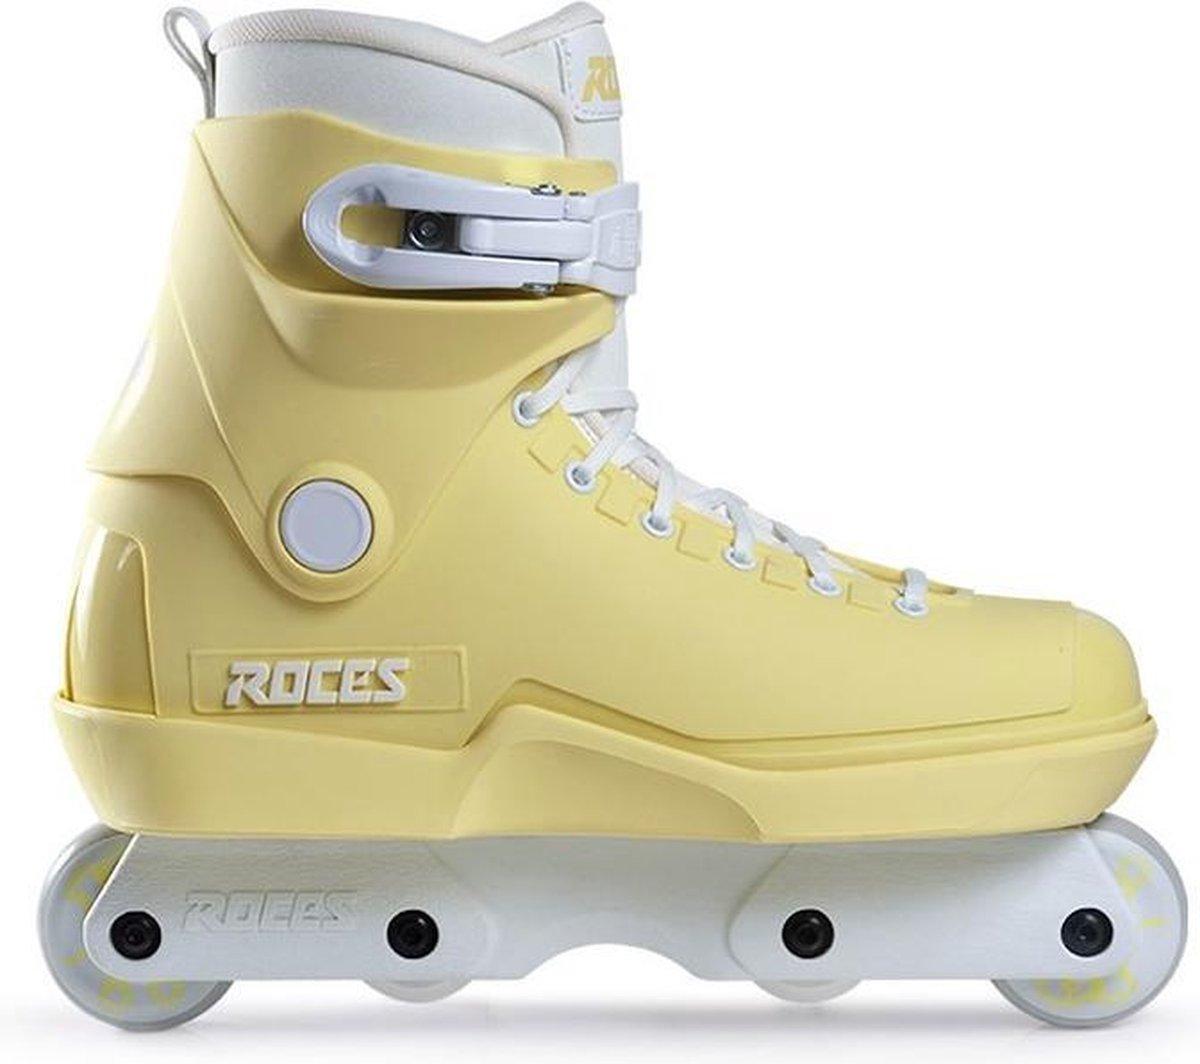 Roces M12 Lo Team Citrus Stunt Skate - 45